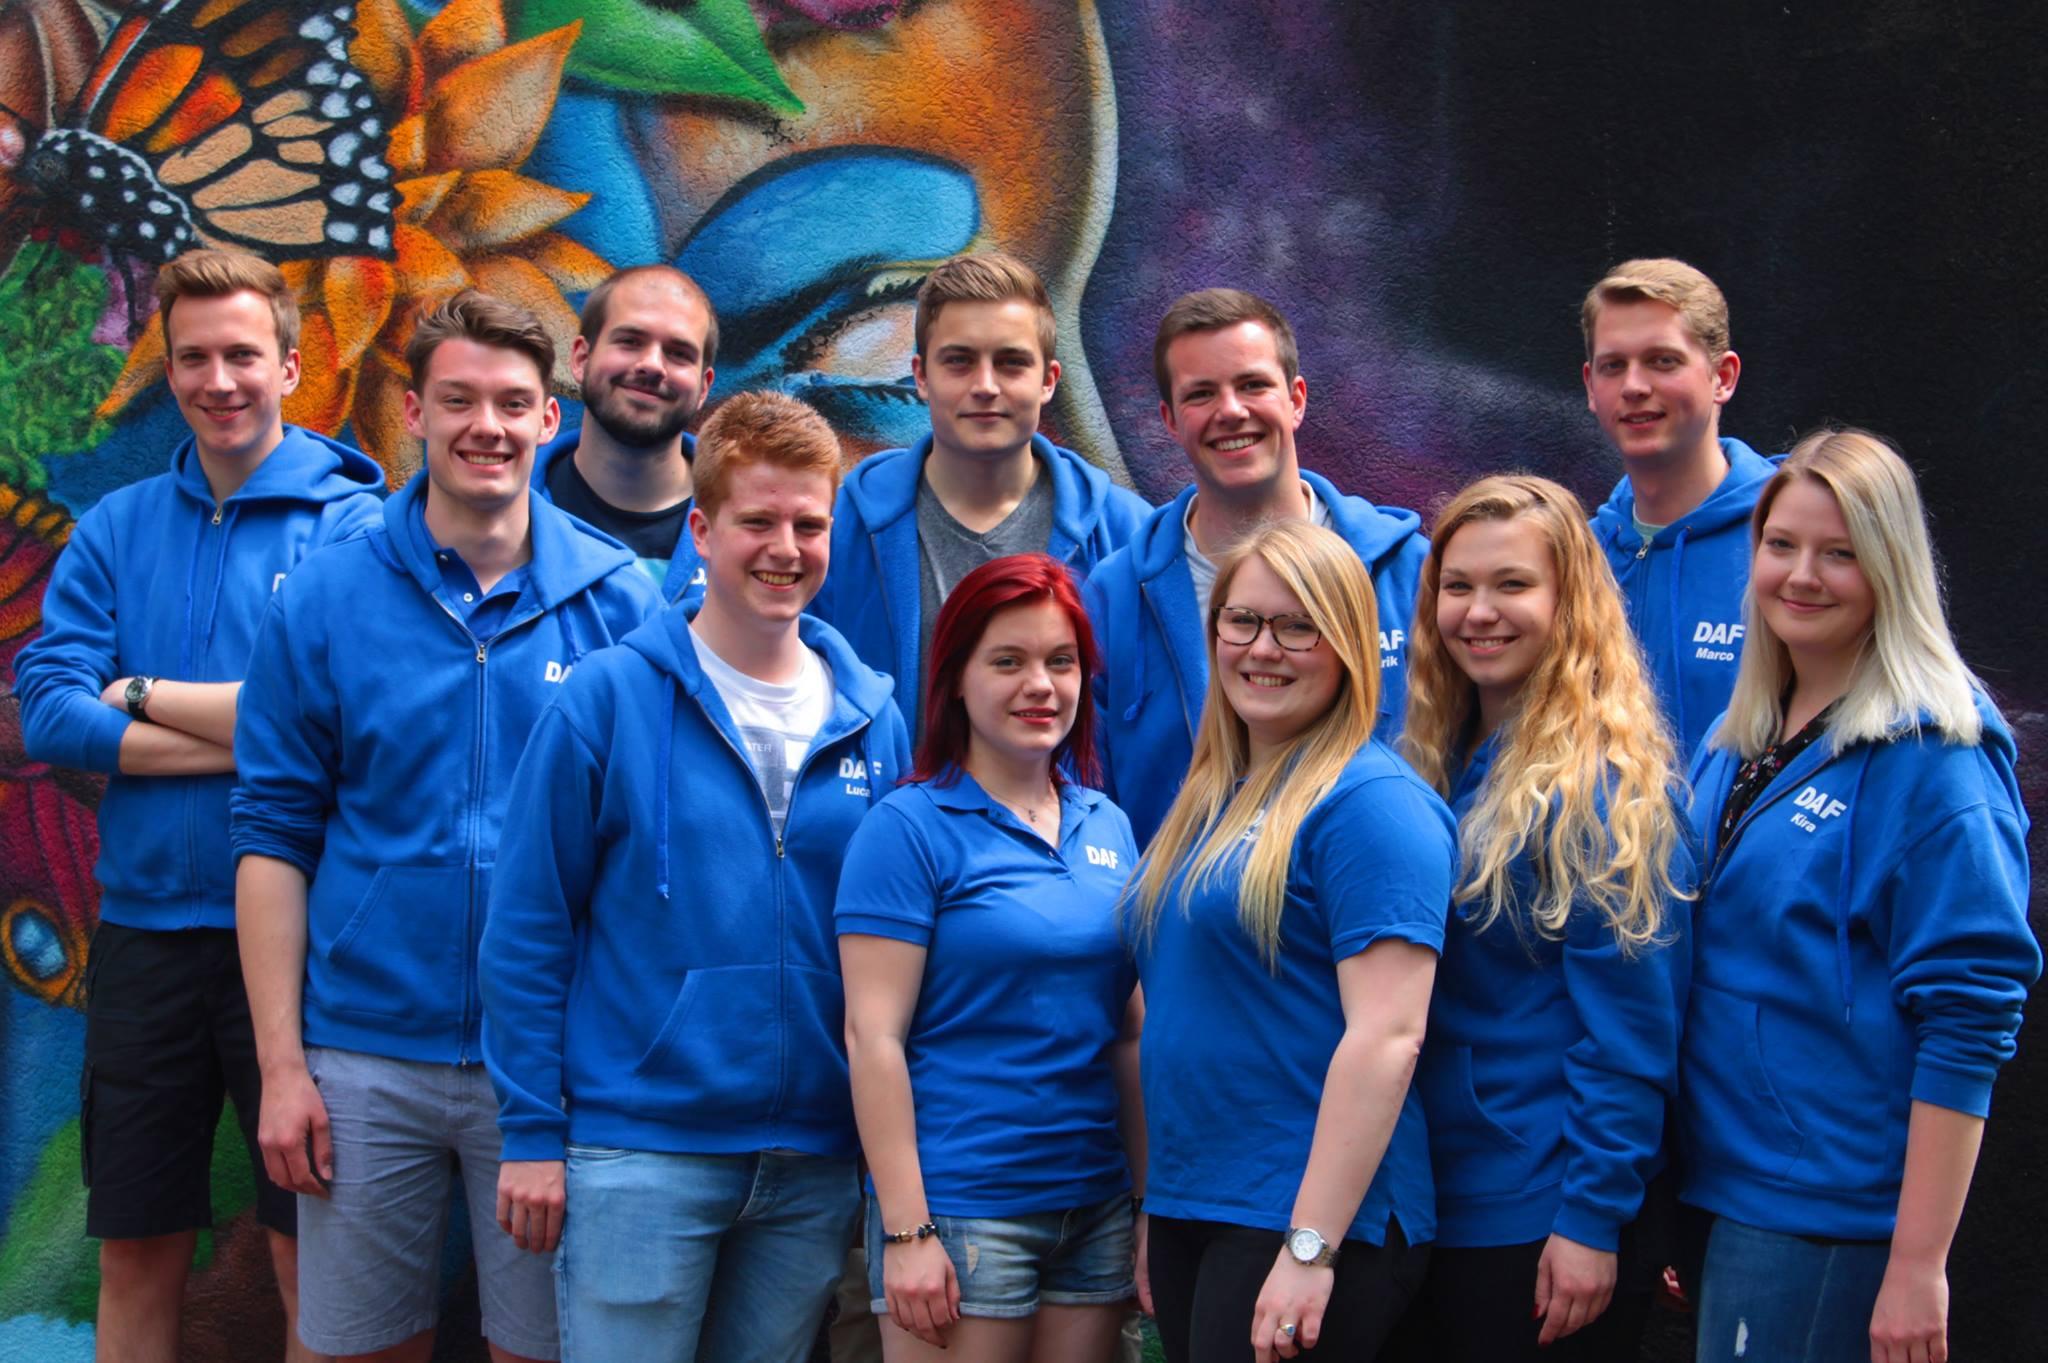 DAF-Vorstand 2017